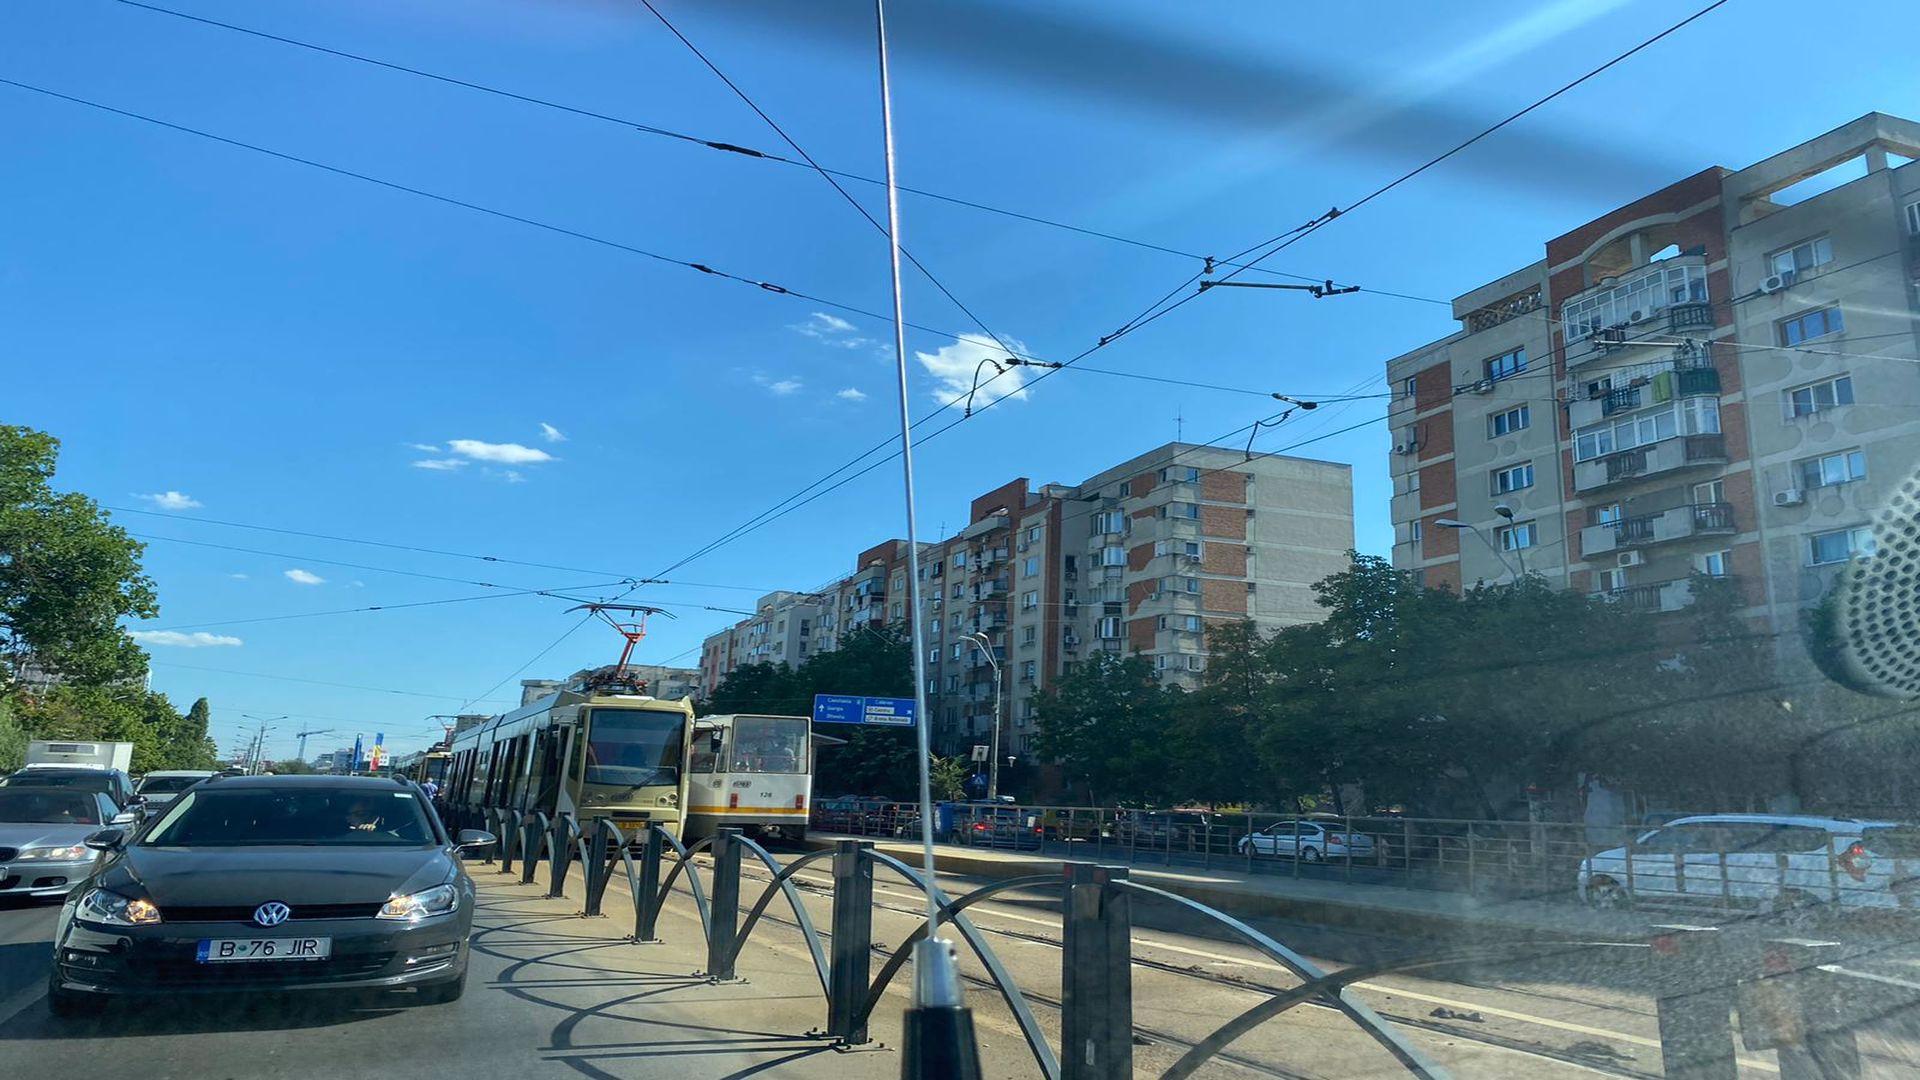 Circulația tramvaielor de pe liniile 1 și 45 din București, oprită. Defecțiuni din cauza căldurii